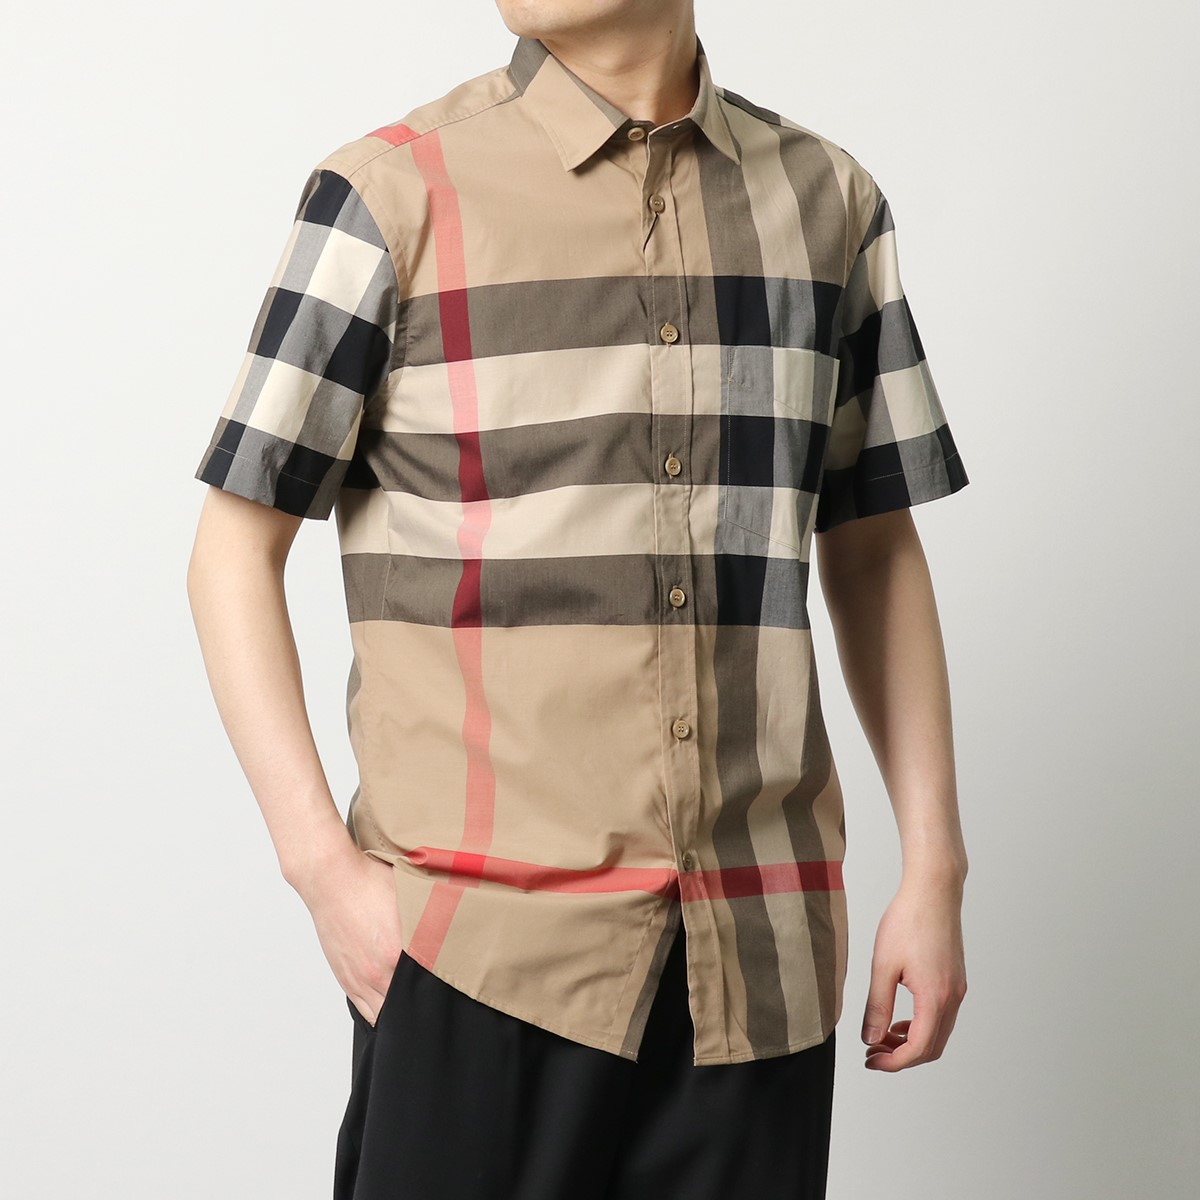 BURBERRY バーバリー 8017322 1005 半袖 ワイシャツ カッターシャツ Yシャツ バーバリーチェック レギュラー ARCHIVE-BEIGE-IP-CHK メンズ